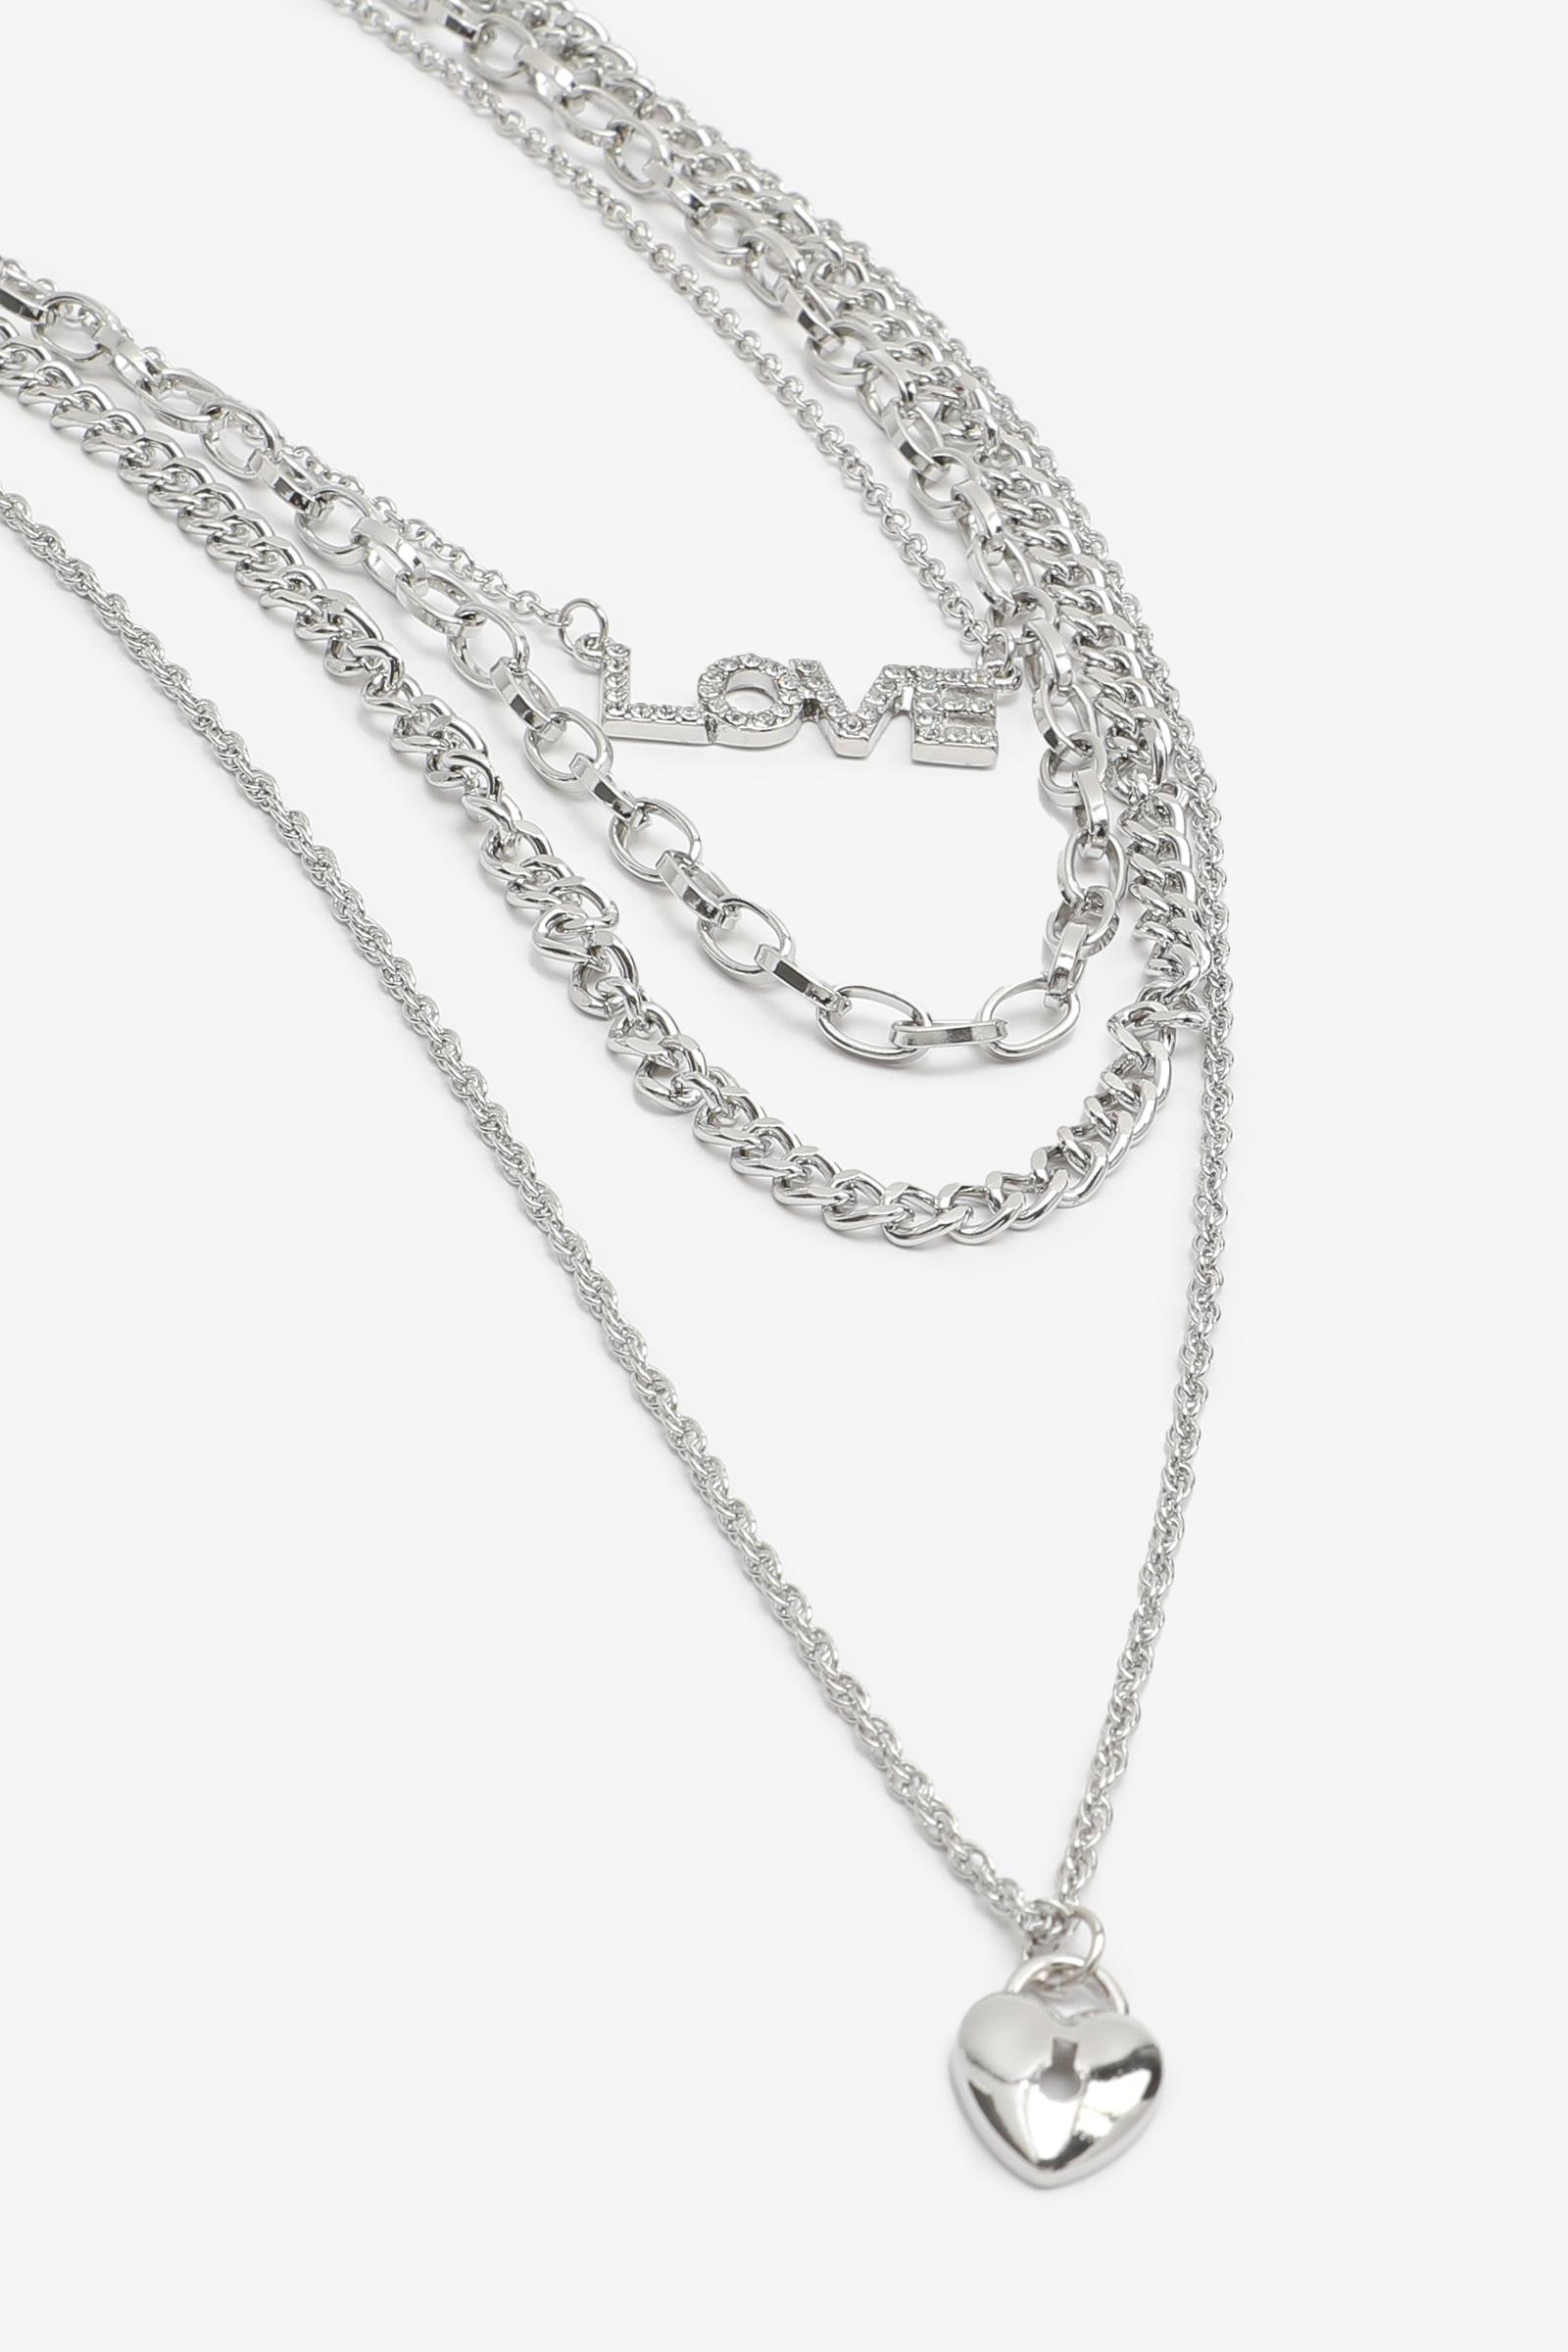 Collier de chaînes superposées LOVE